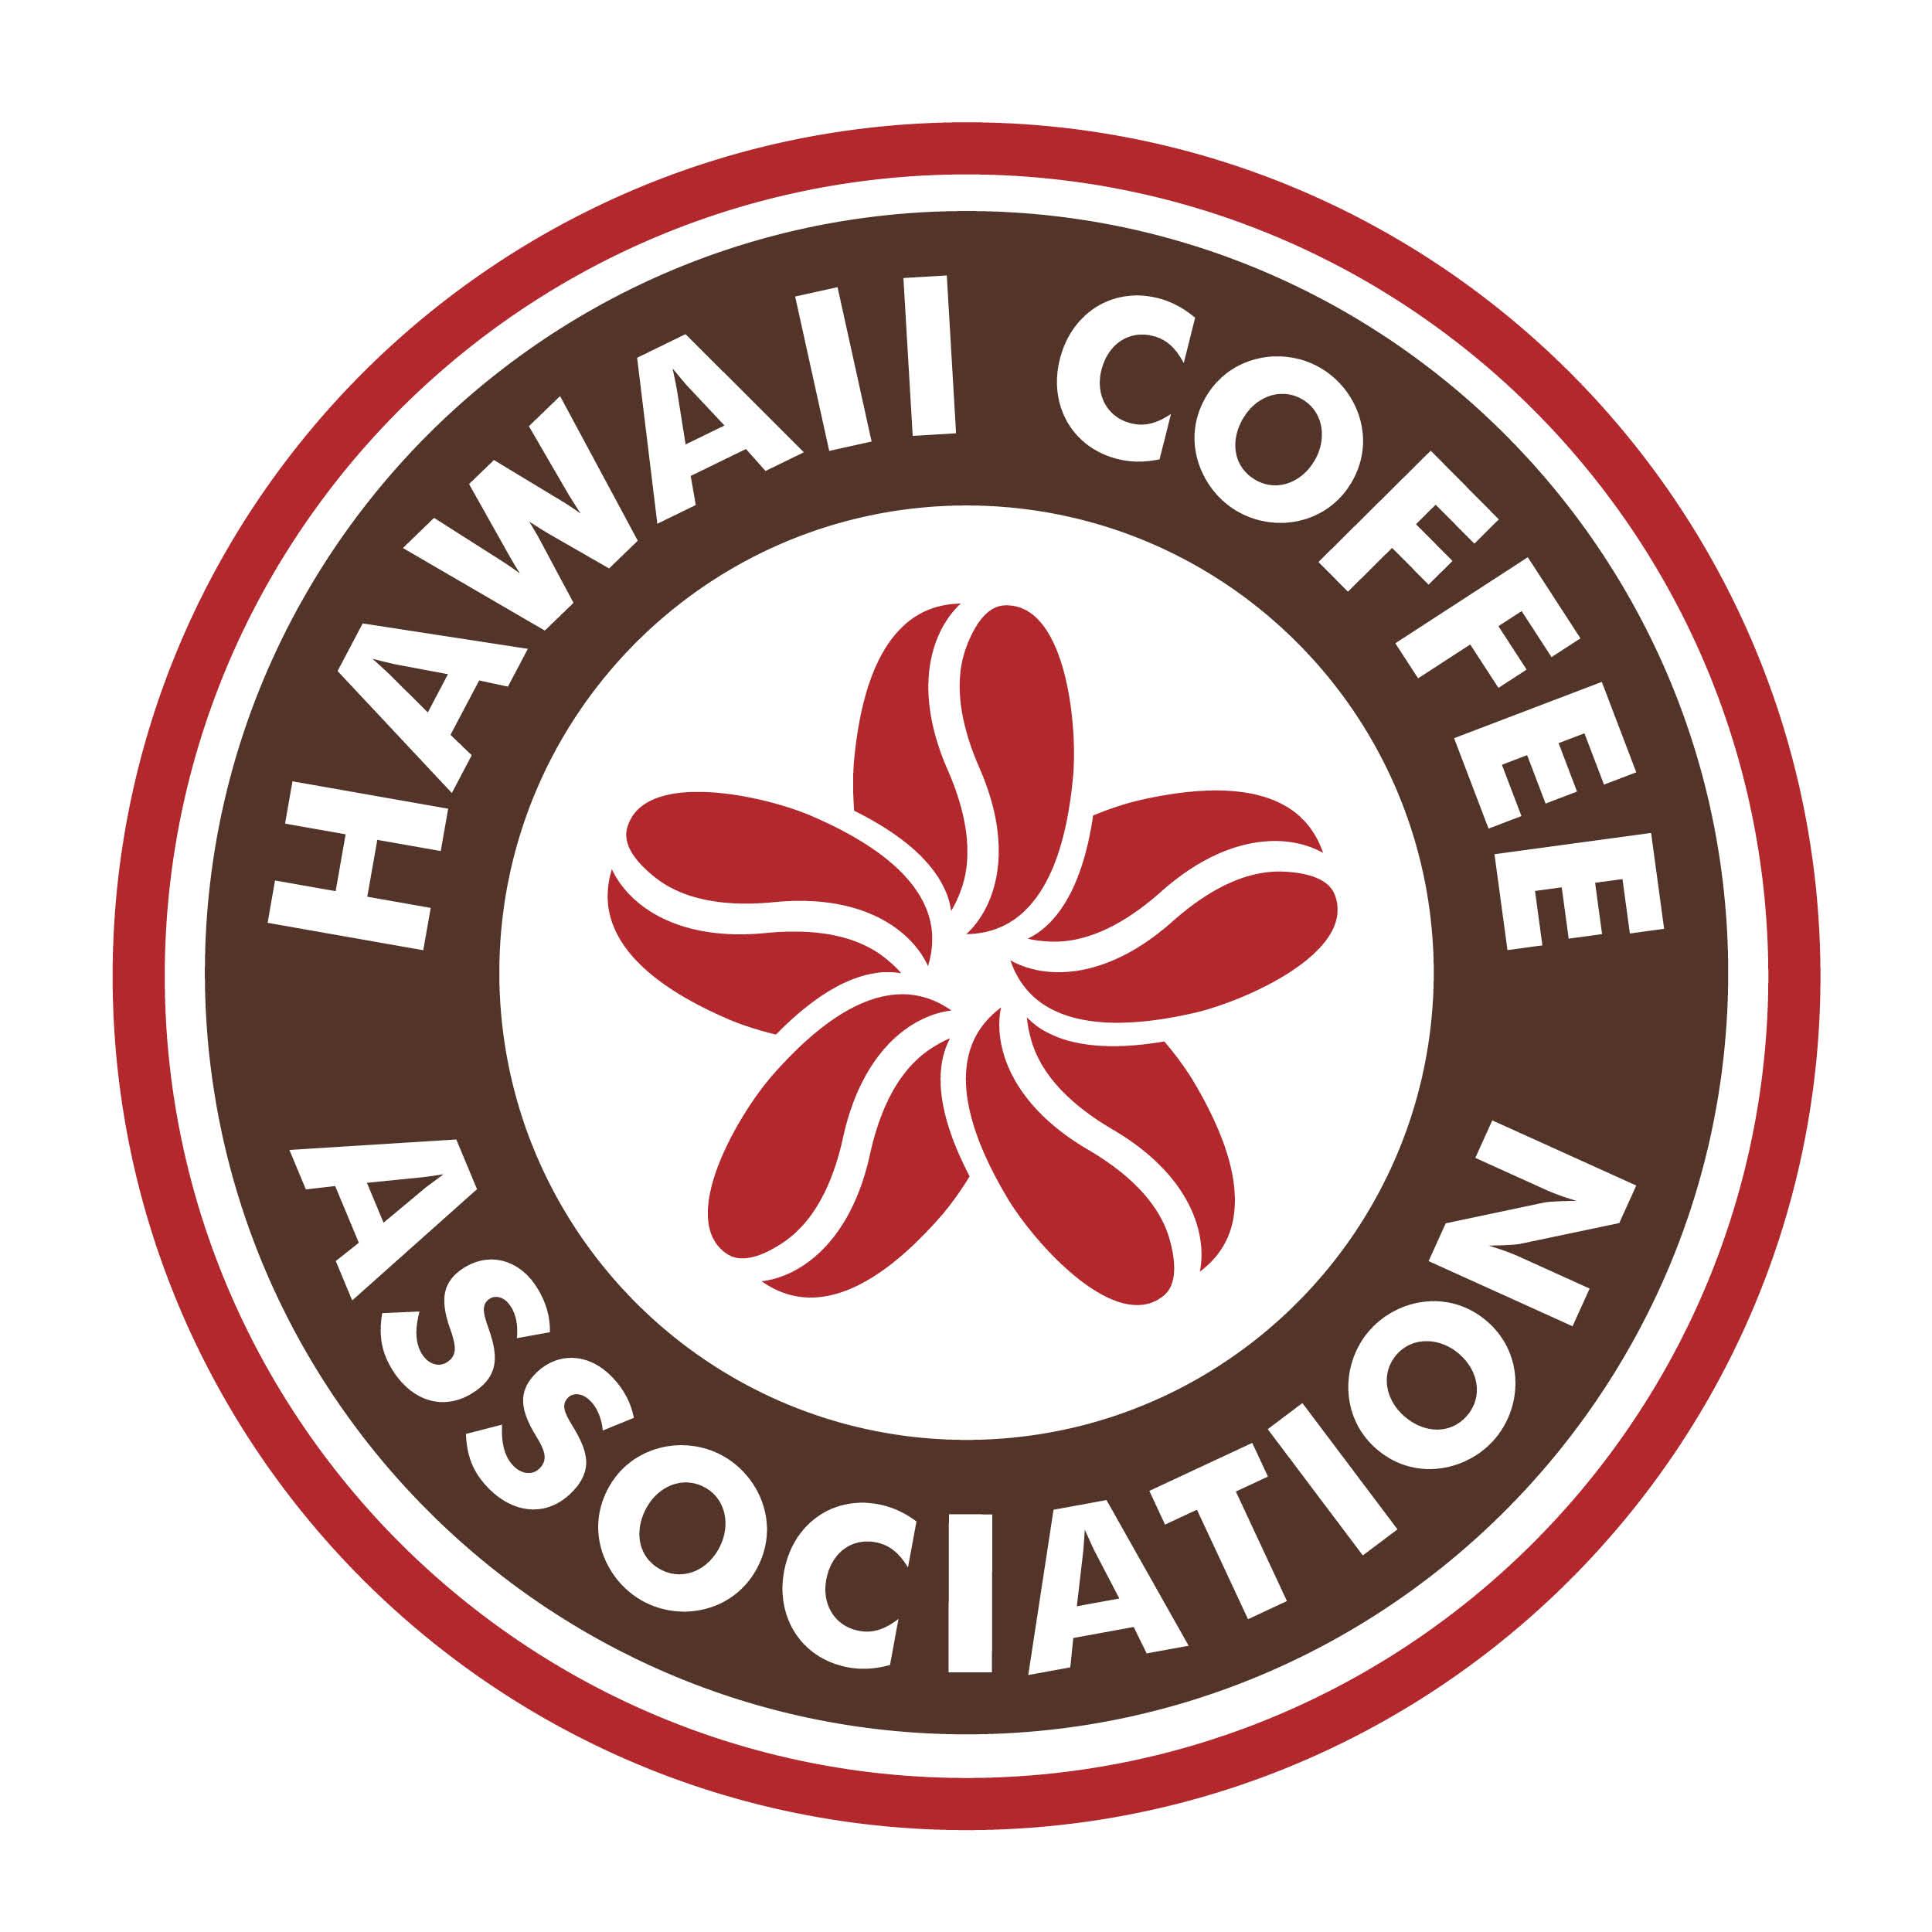 Hawaii Coffee Association.jpg